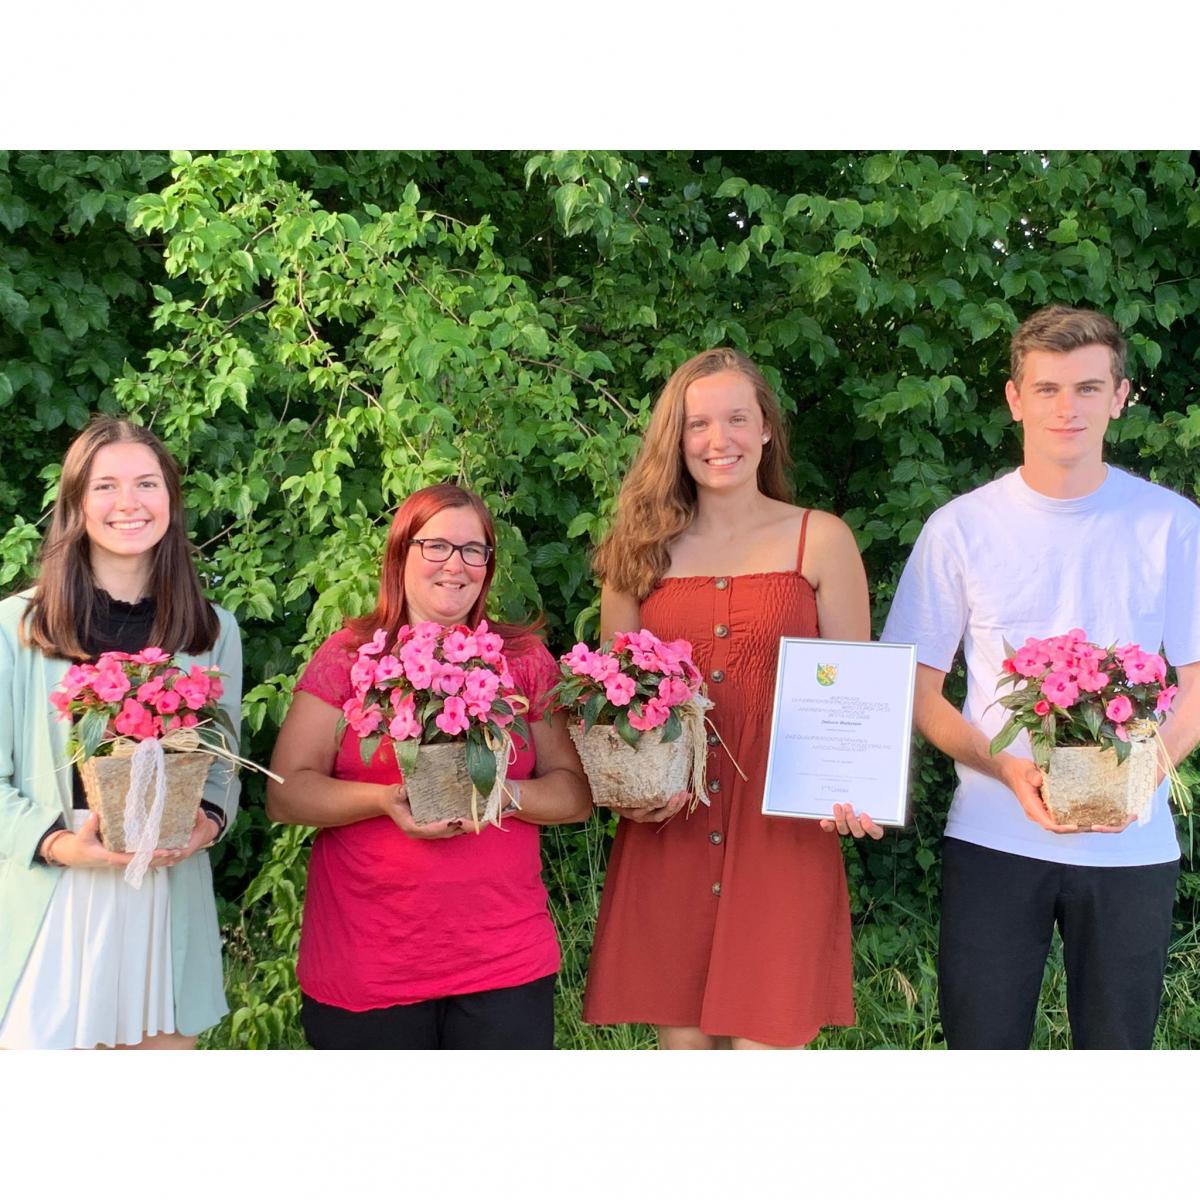 Herzliche Gratulation an unsere vier Lernenden zum erfolgreichen Lehrabschluss!